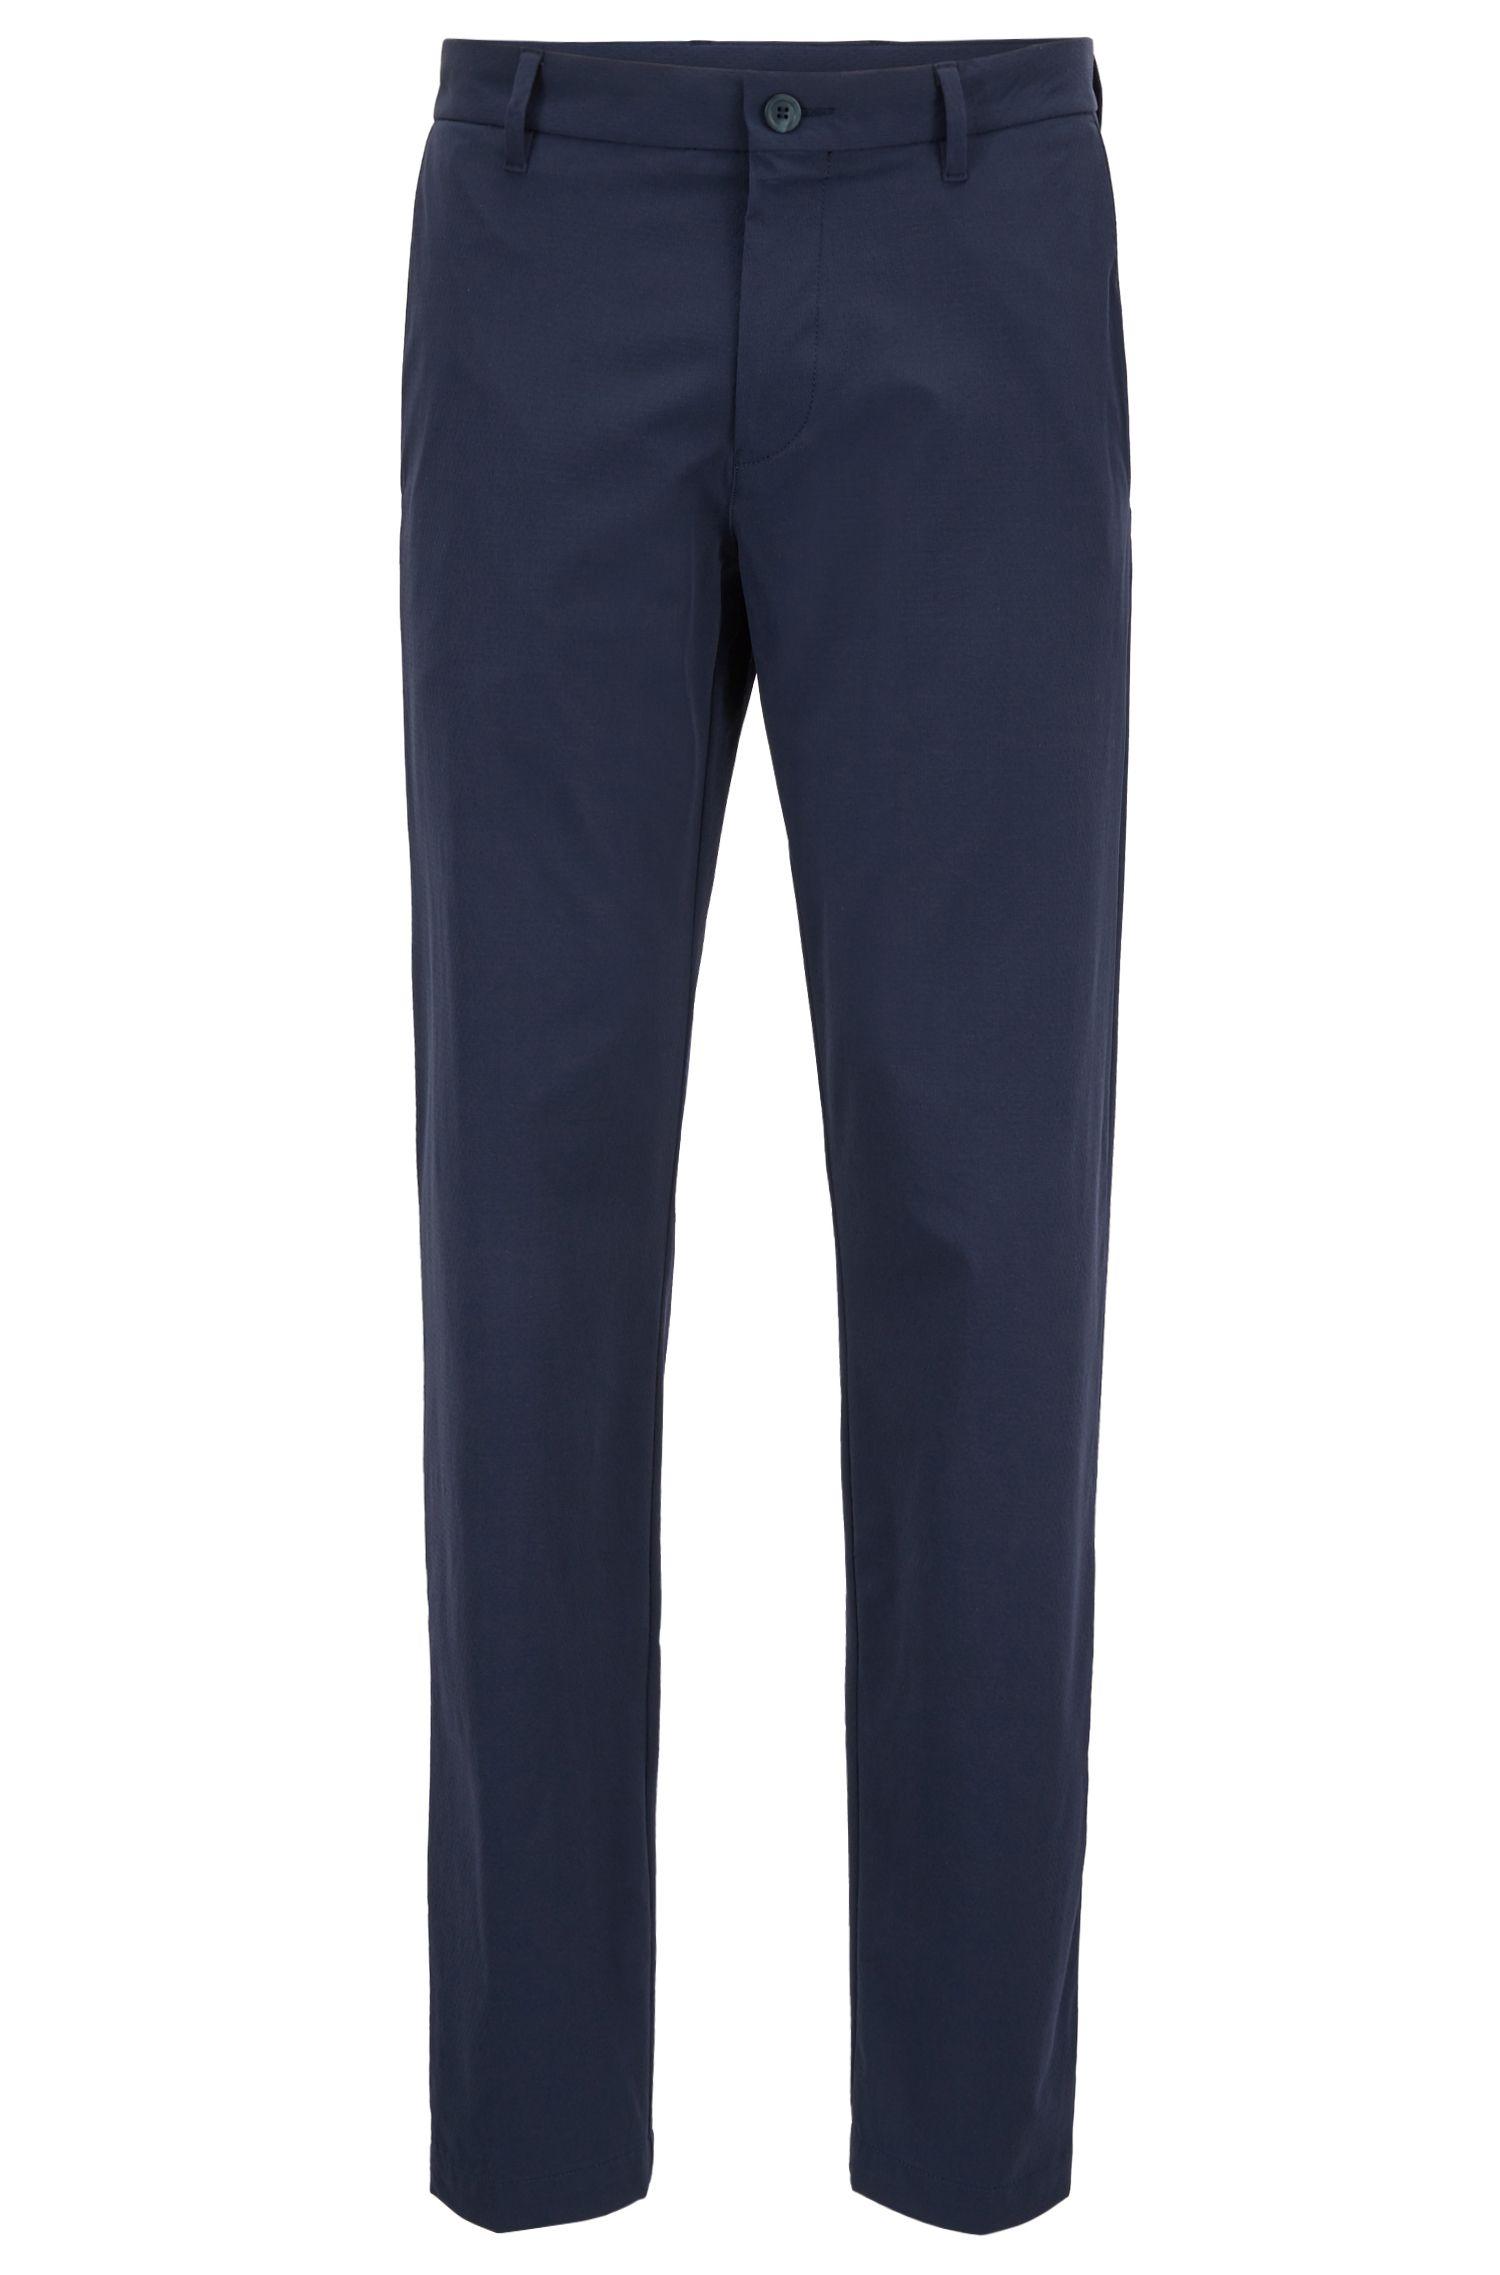 Pantaloni idrorepellenti extra slim fit in dobby elasticizzato, Blu scuro